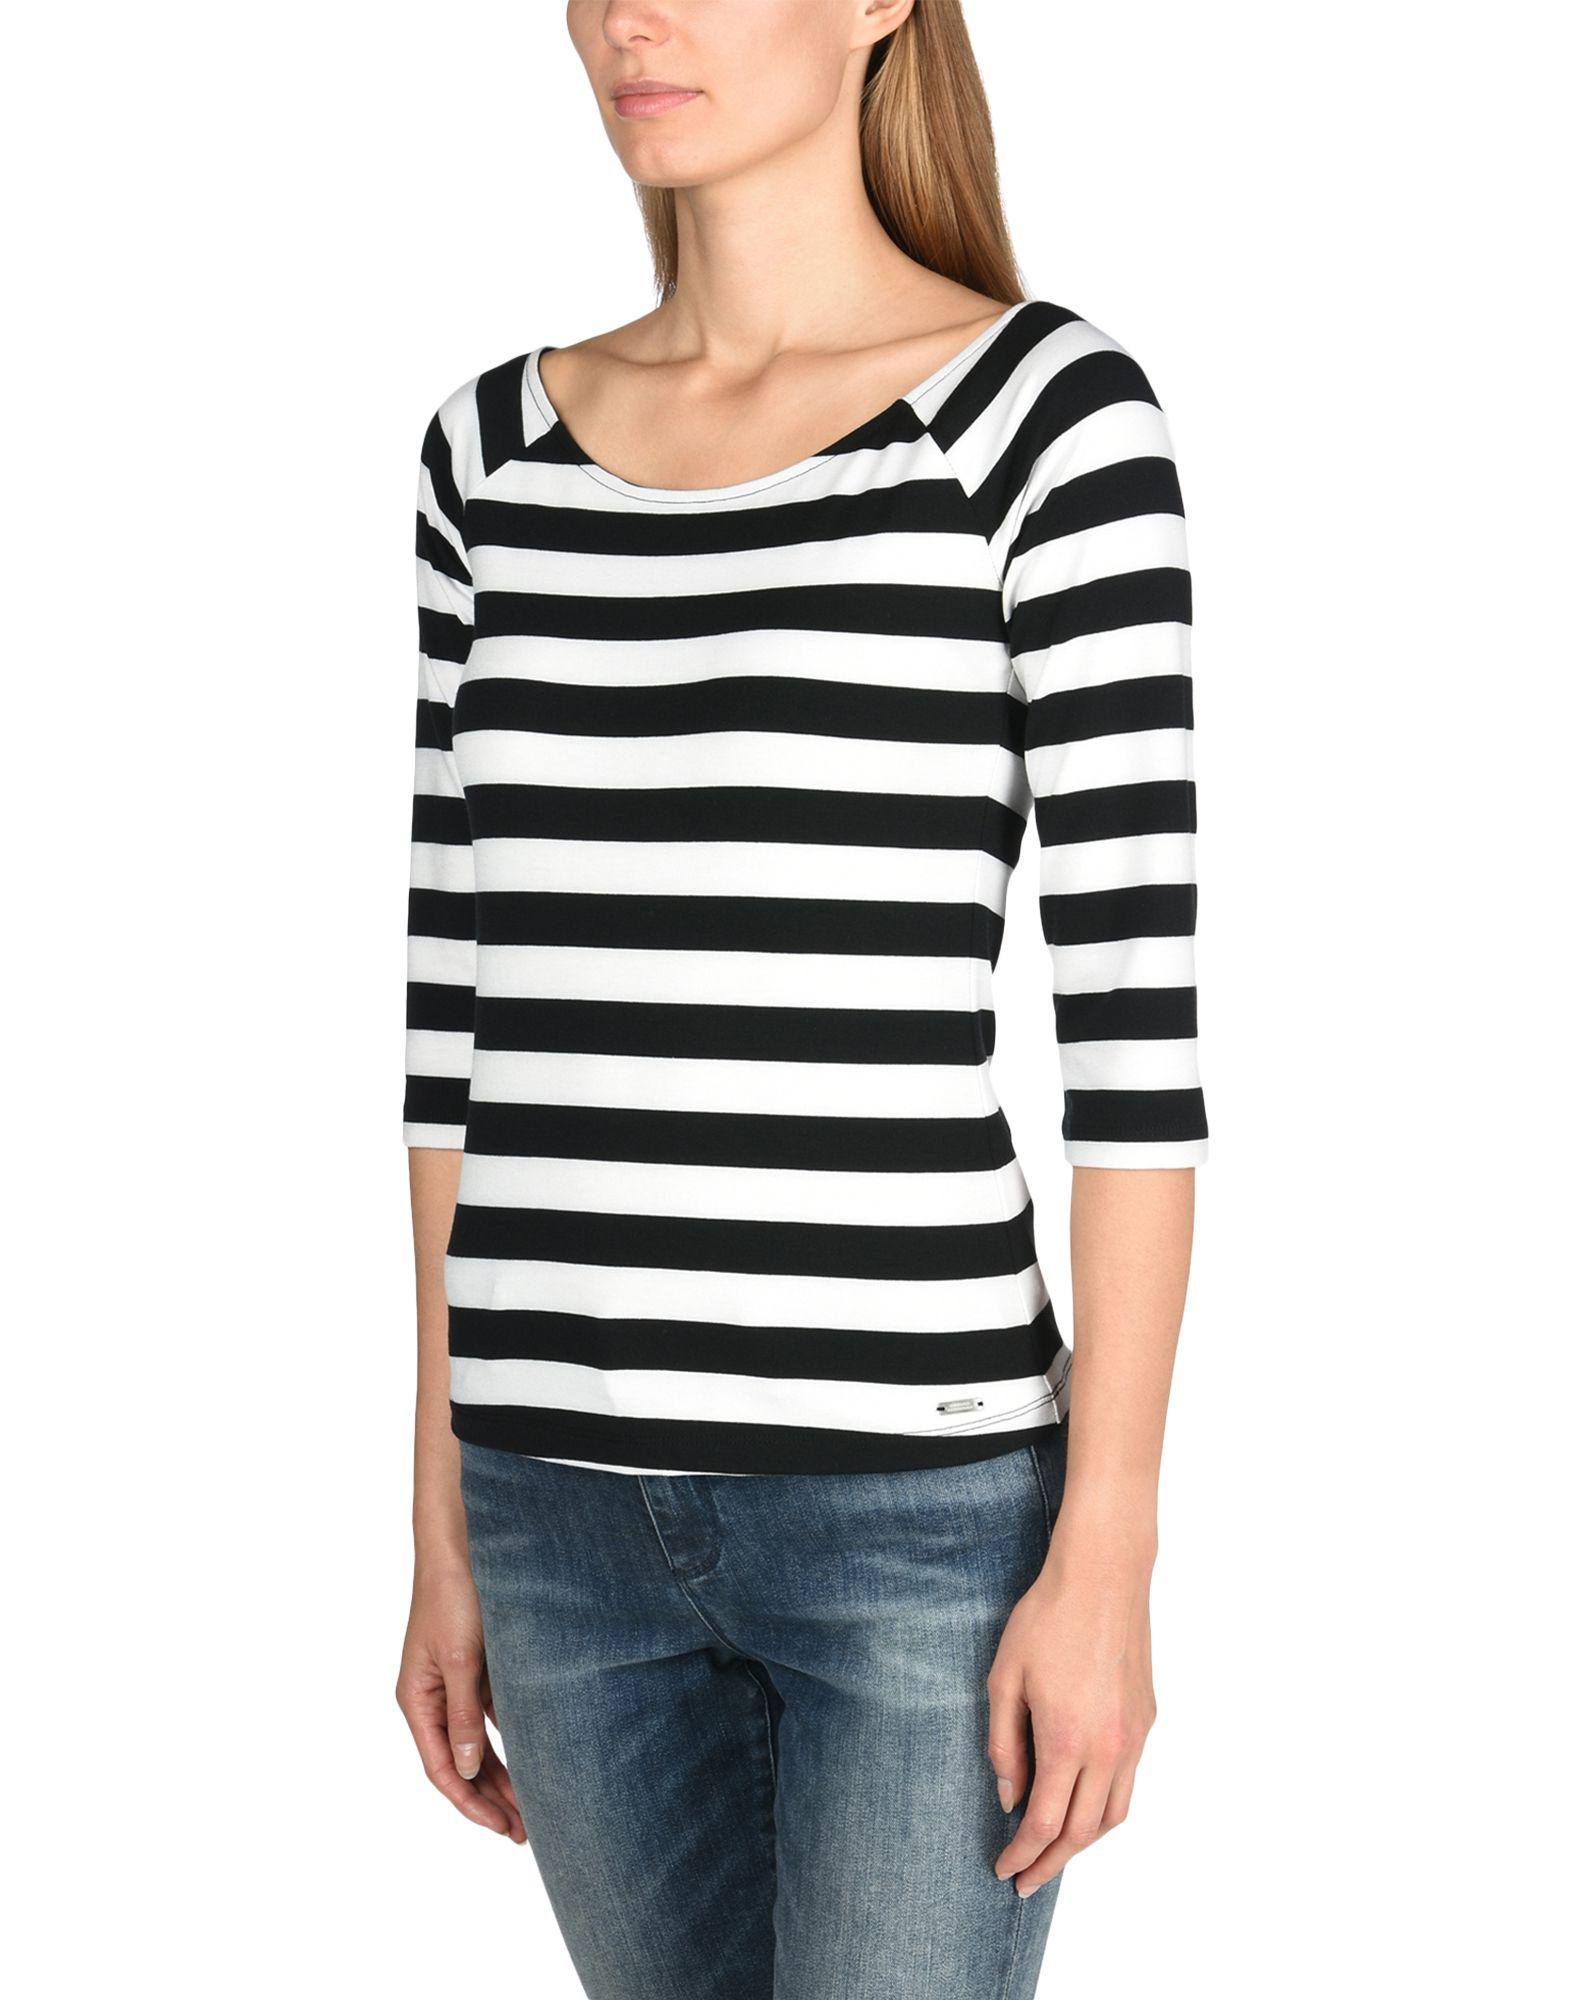 Noir Exchange Armani Shirt Coloris Lyst T En qvYTx1n